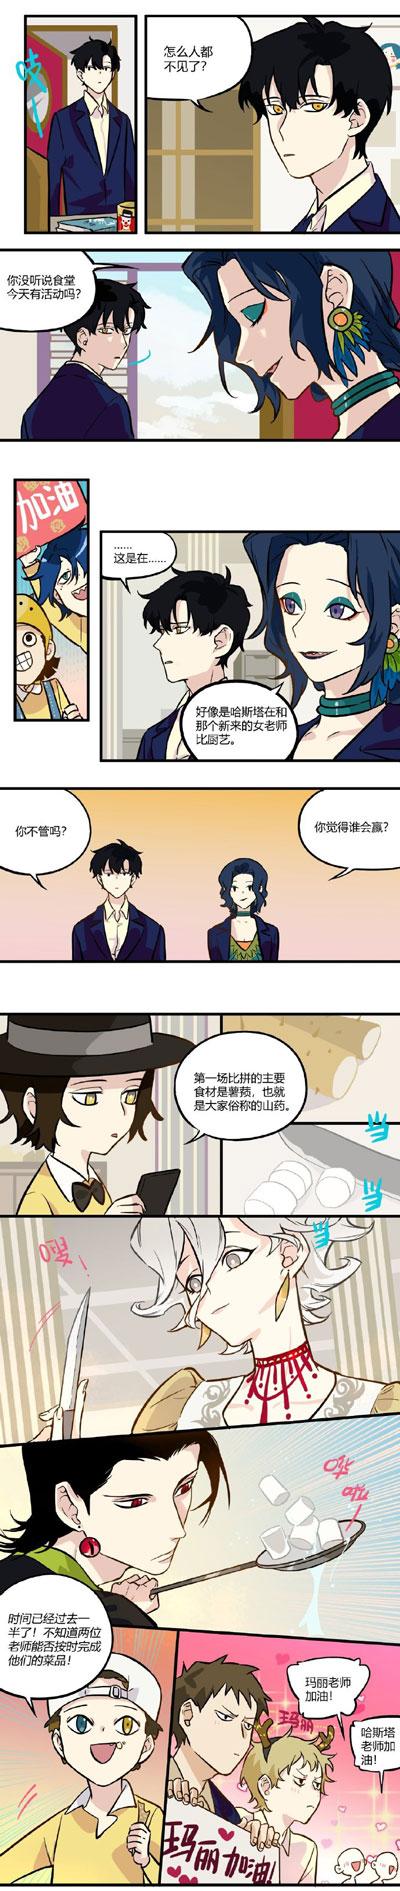 第五人格漫画3